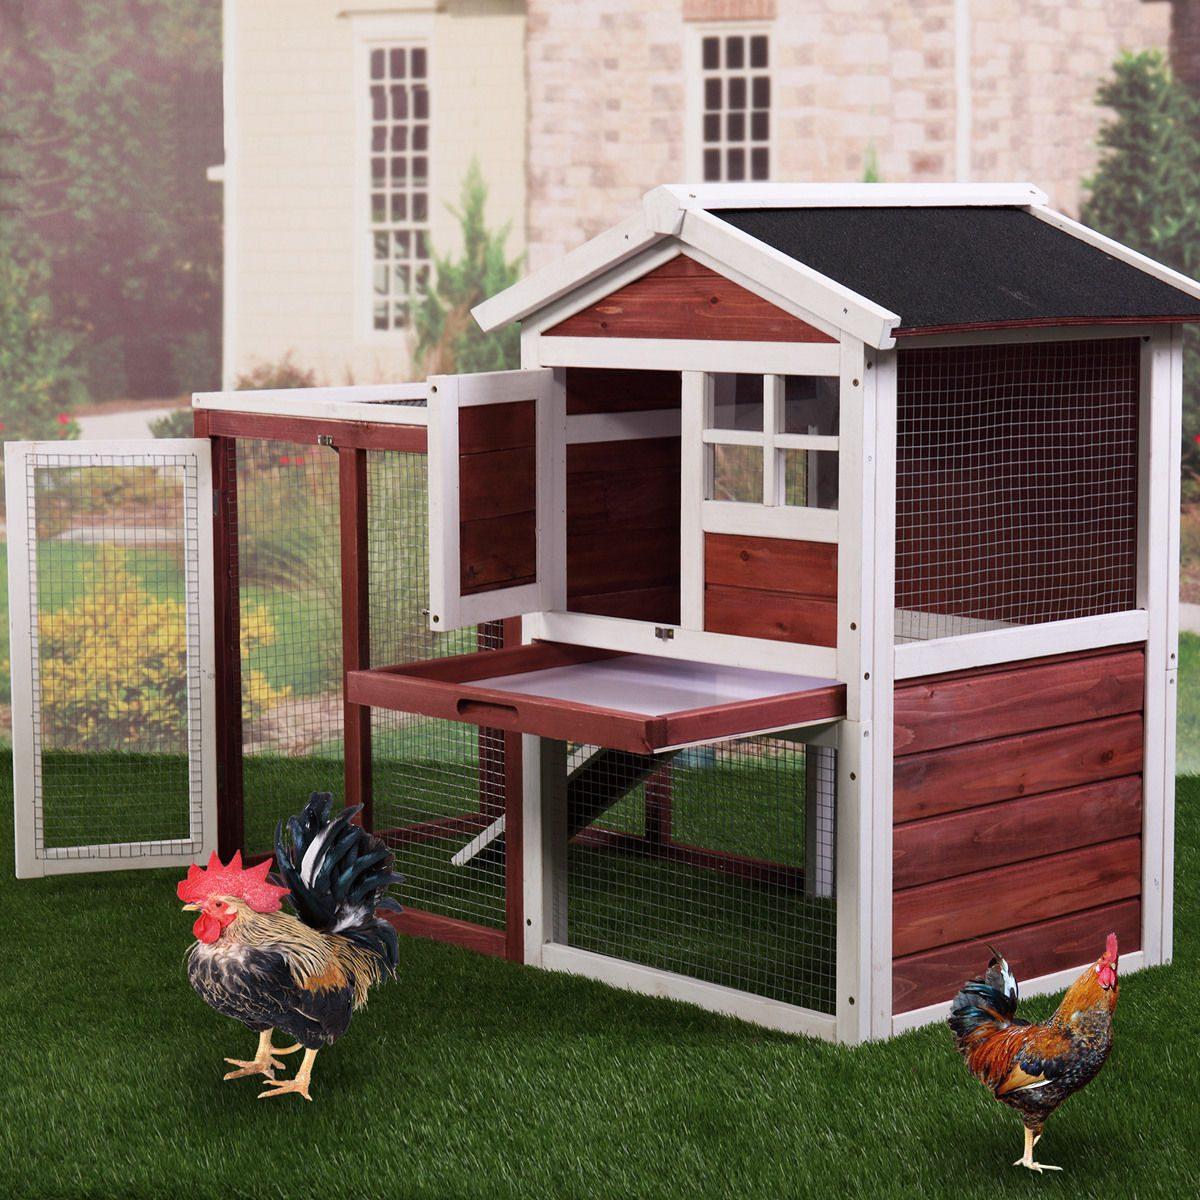 Chicken coop casa conejo peque o animal fuentes de jaula - Casa conejo ...